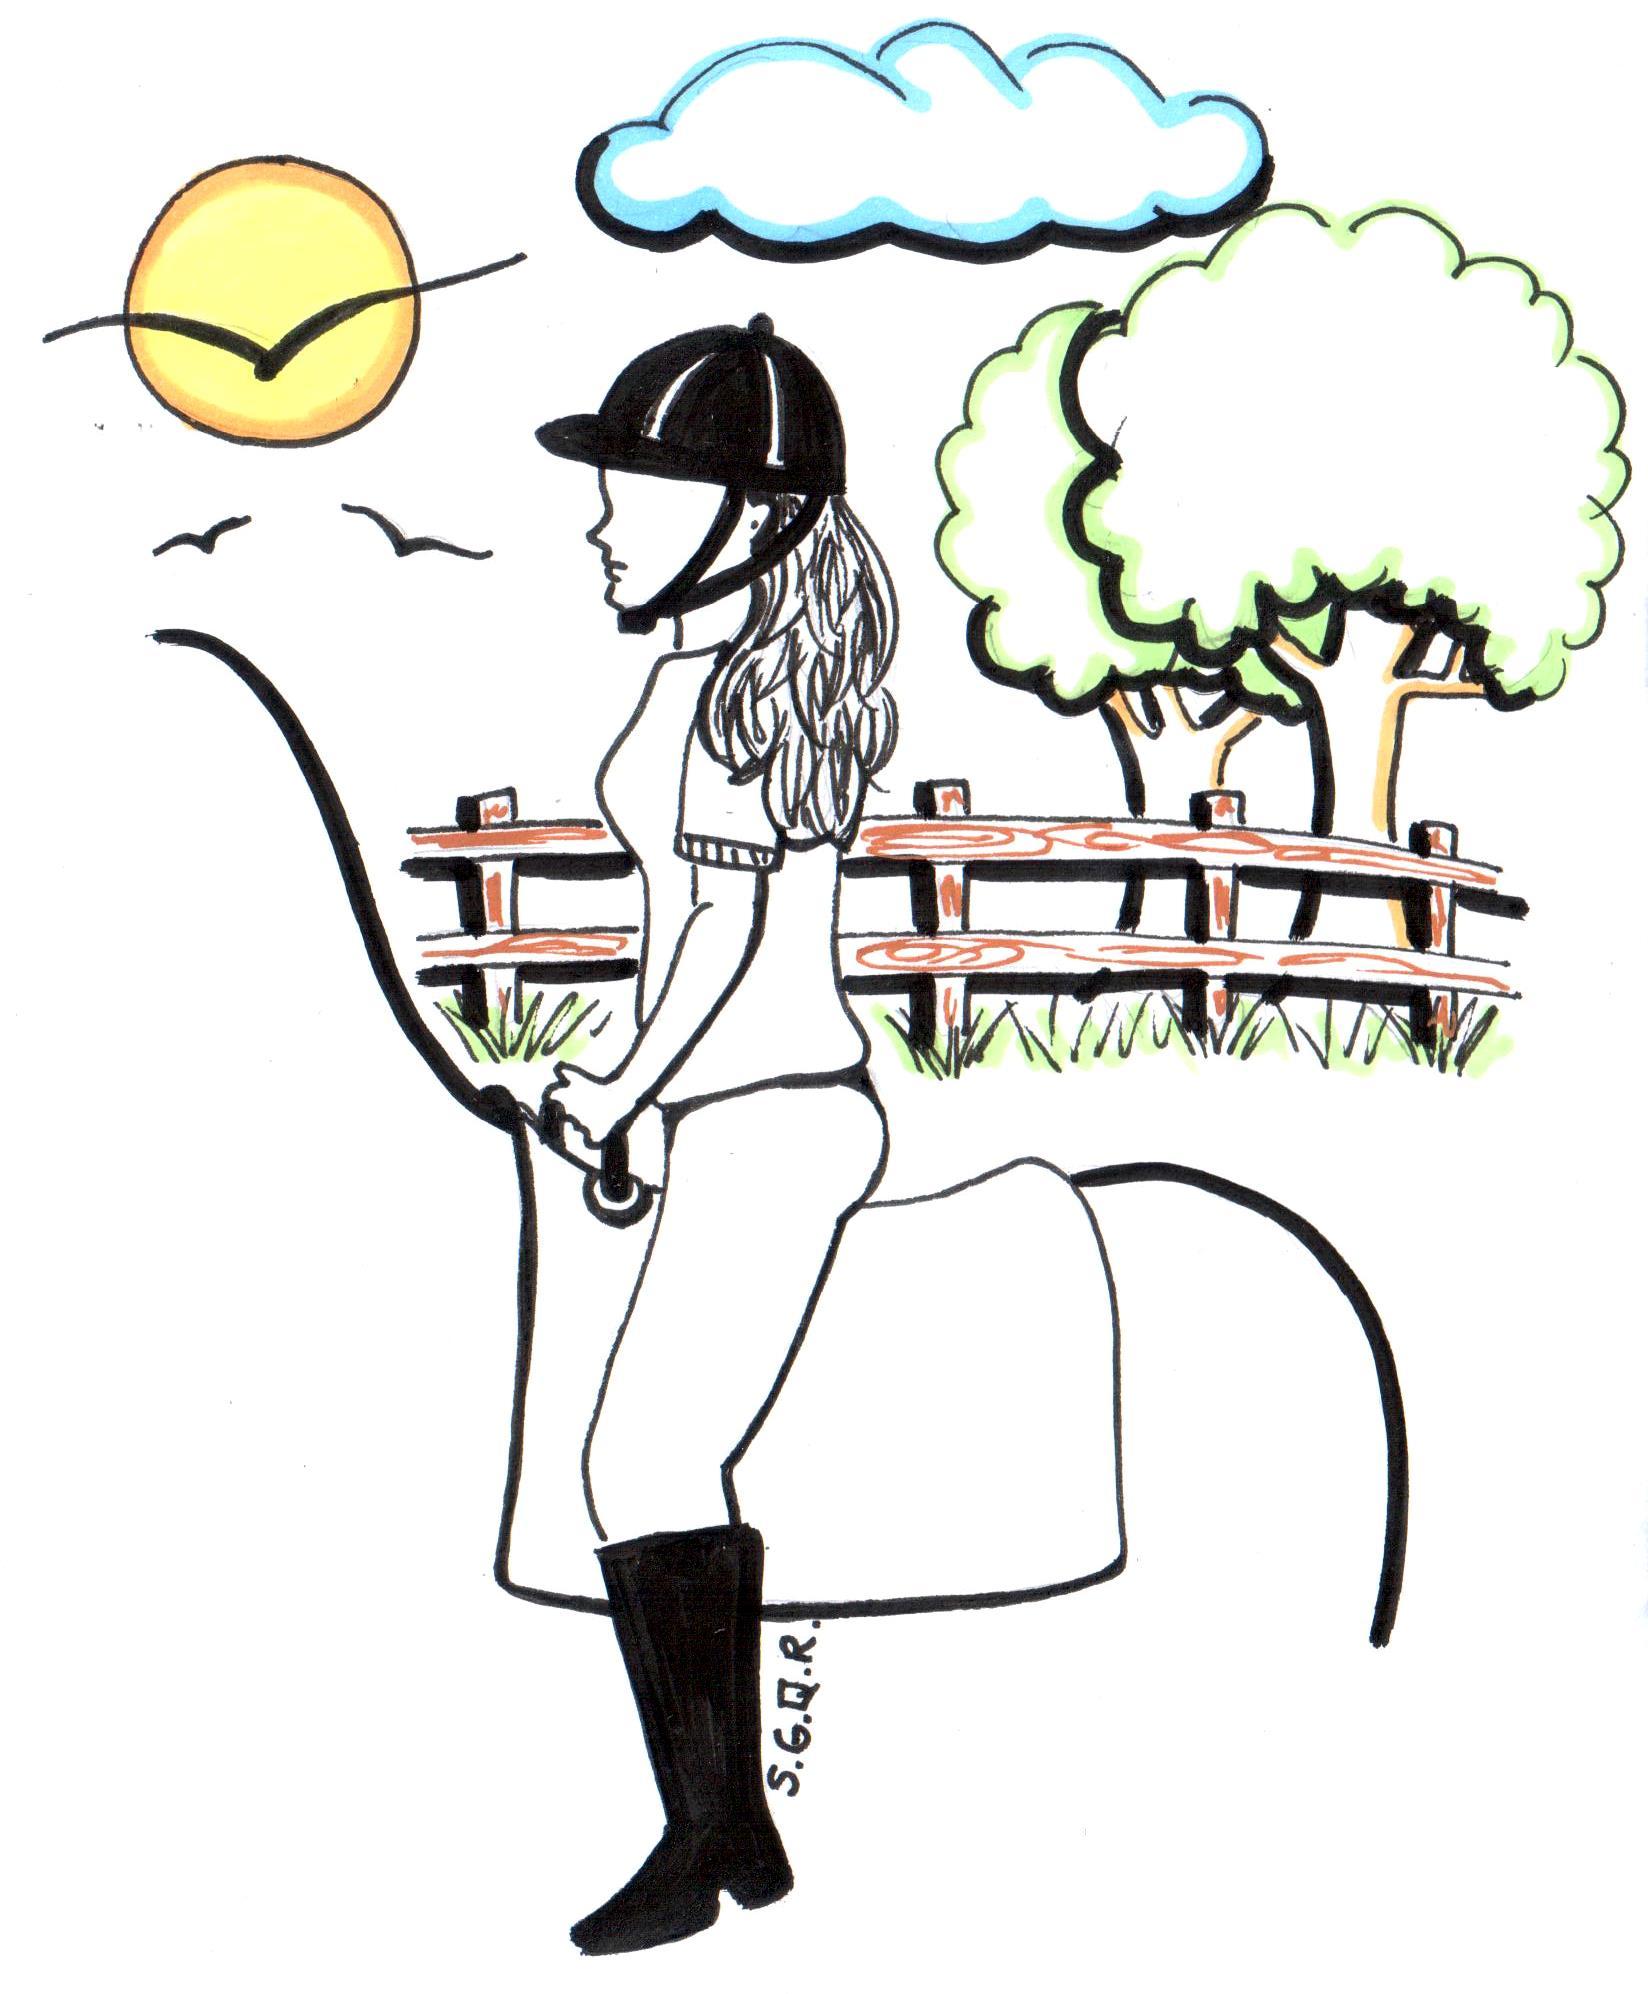 Desenho de uma praticante de Equoterapia montada um cavalo e no fundo árvores, cerca, nuvens, sol e pássaros.